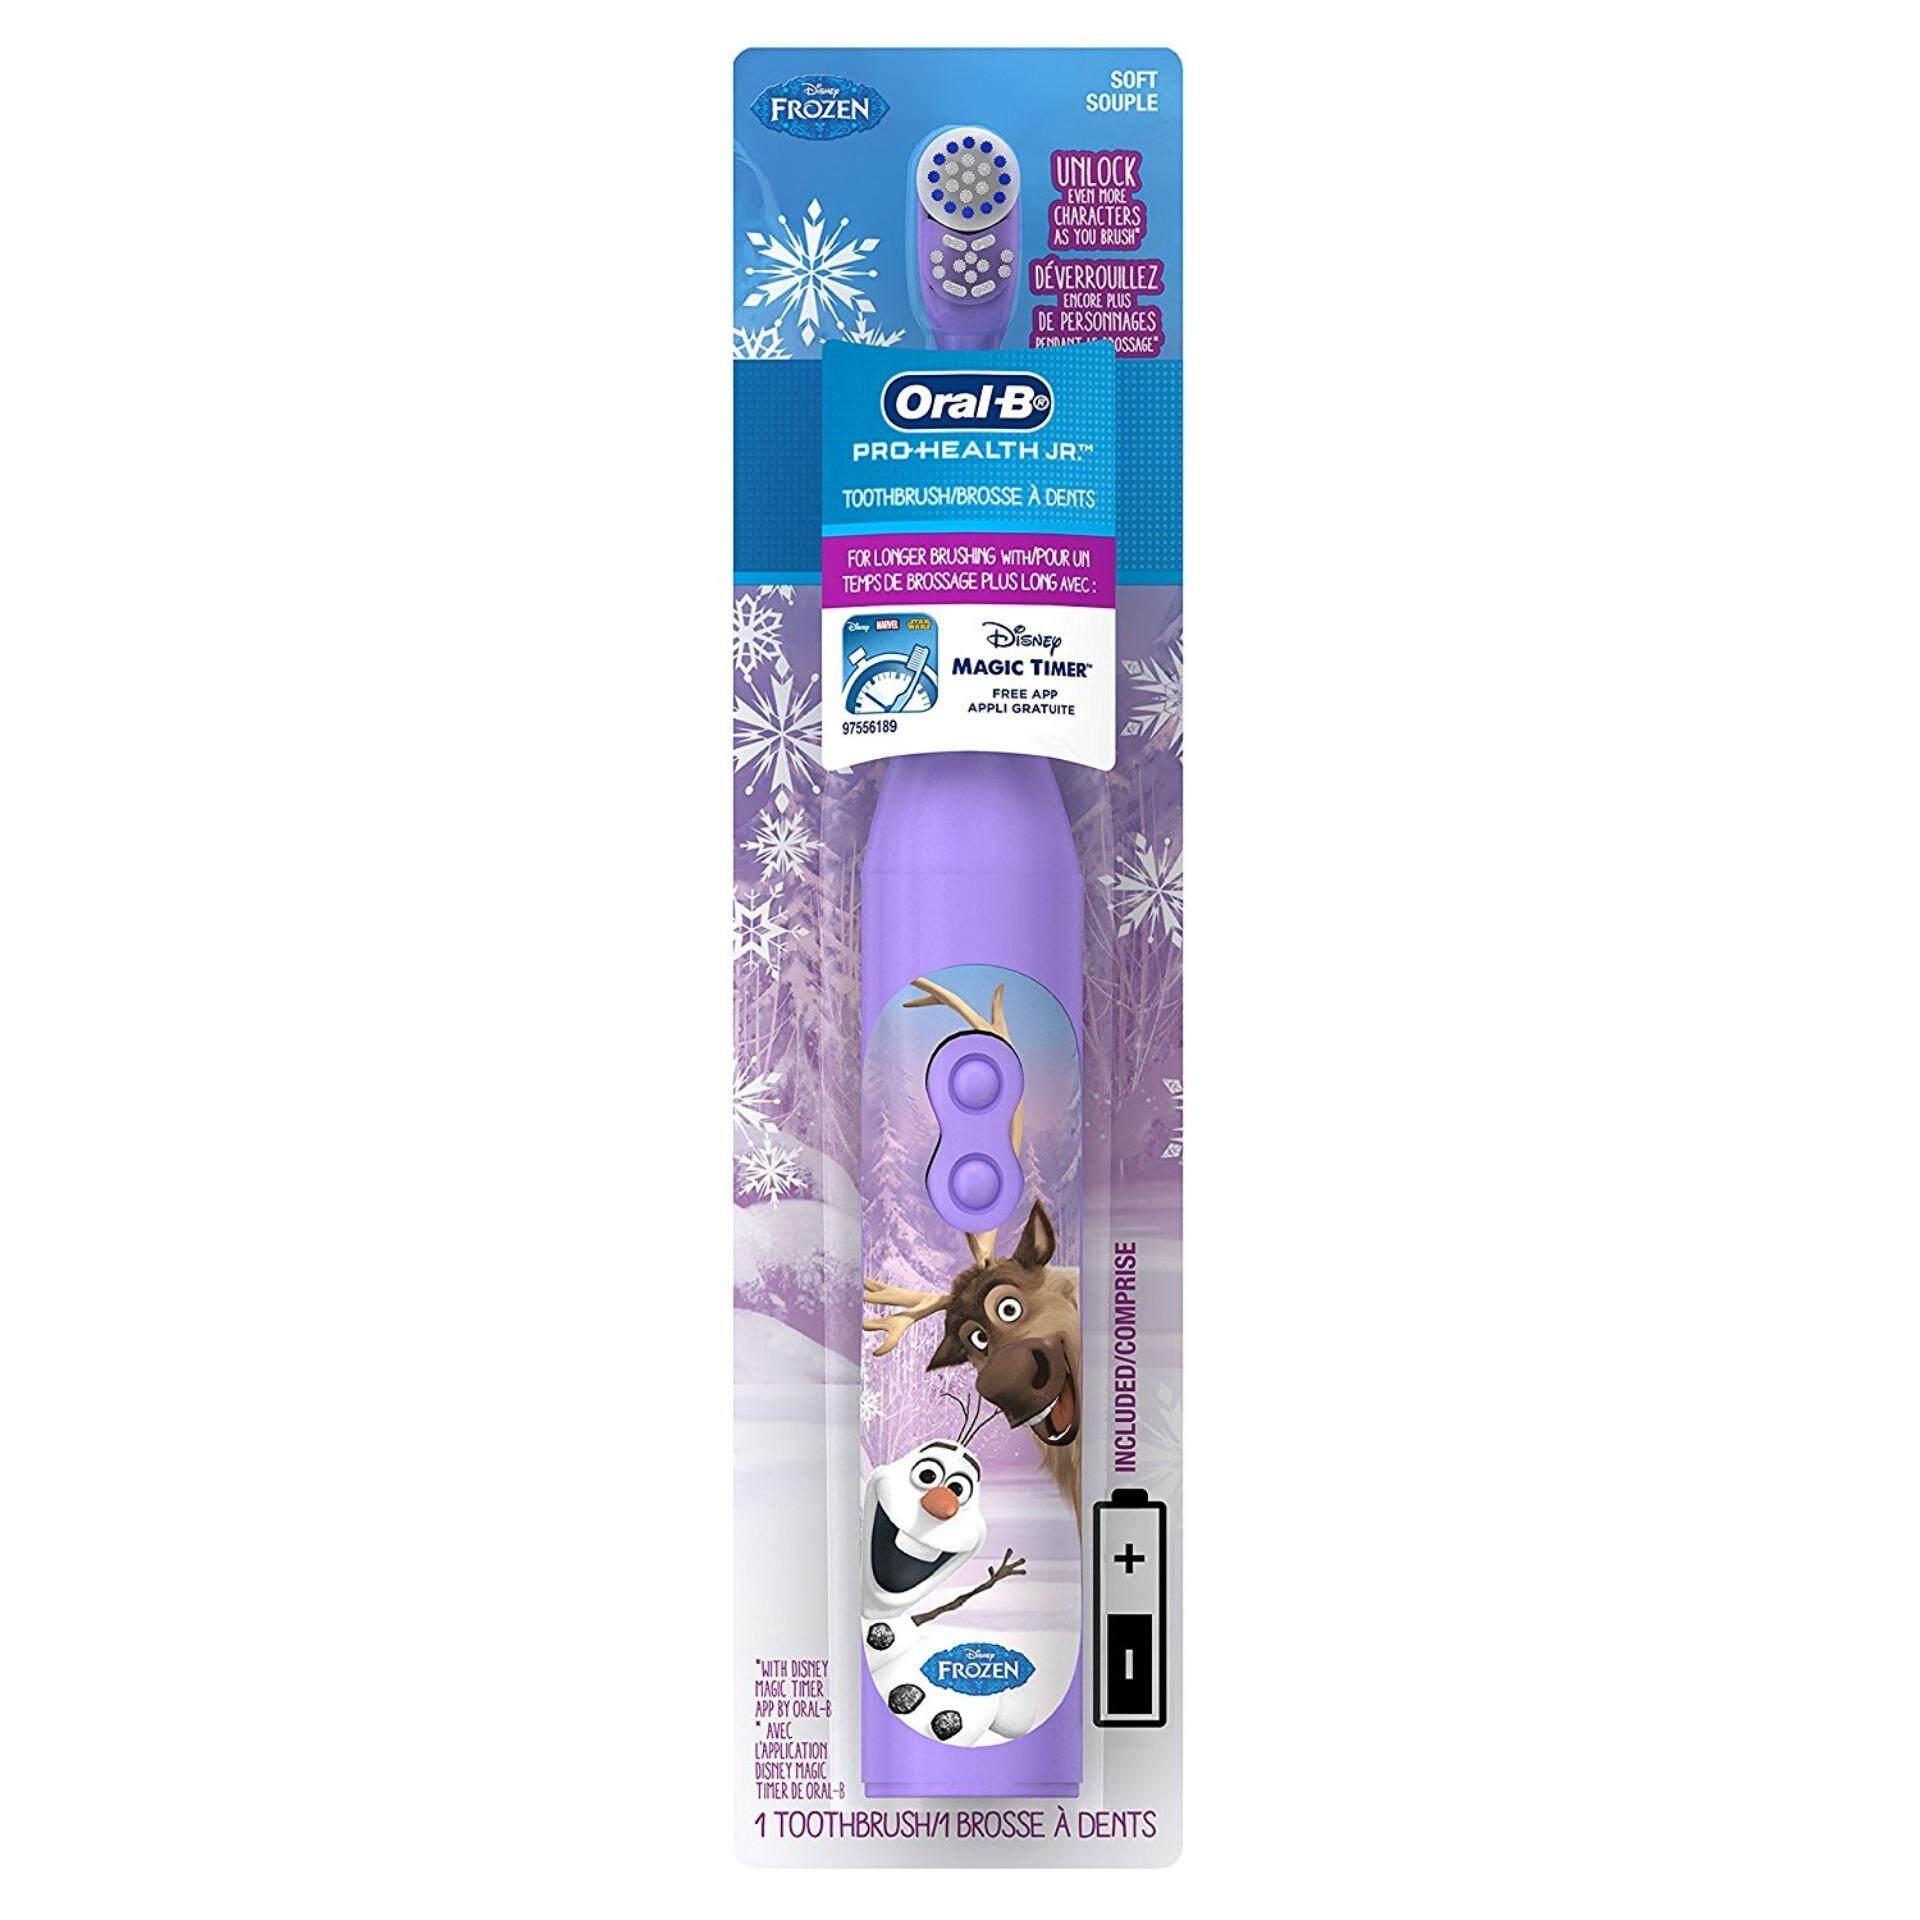 แปรงสีฟันไฟฟ้า ช่วยดูแลสุขภาพช่องปาก สงขลา แปรงสีฟันไฟฟ้า Oral B Pro Health Battery Power Electric Toothbrush for Kids Olaf